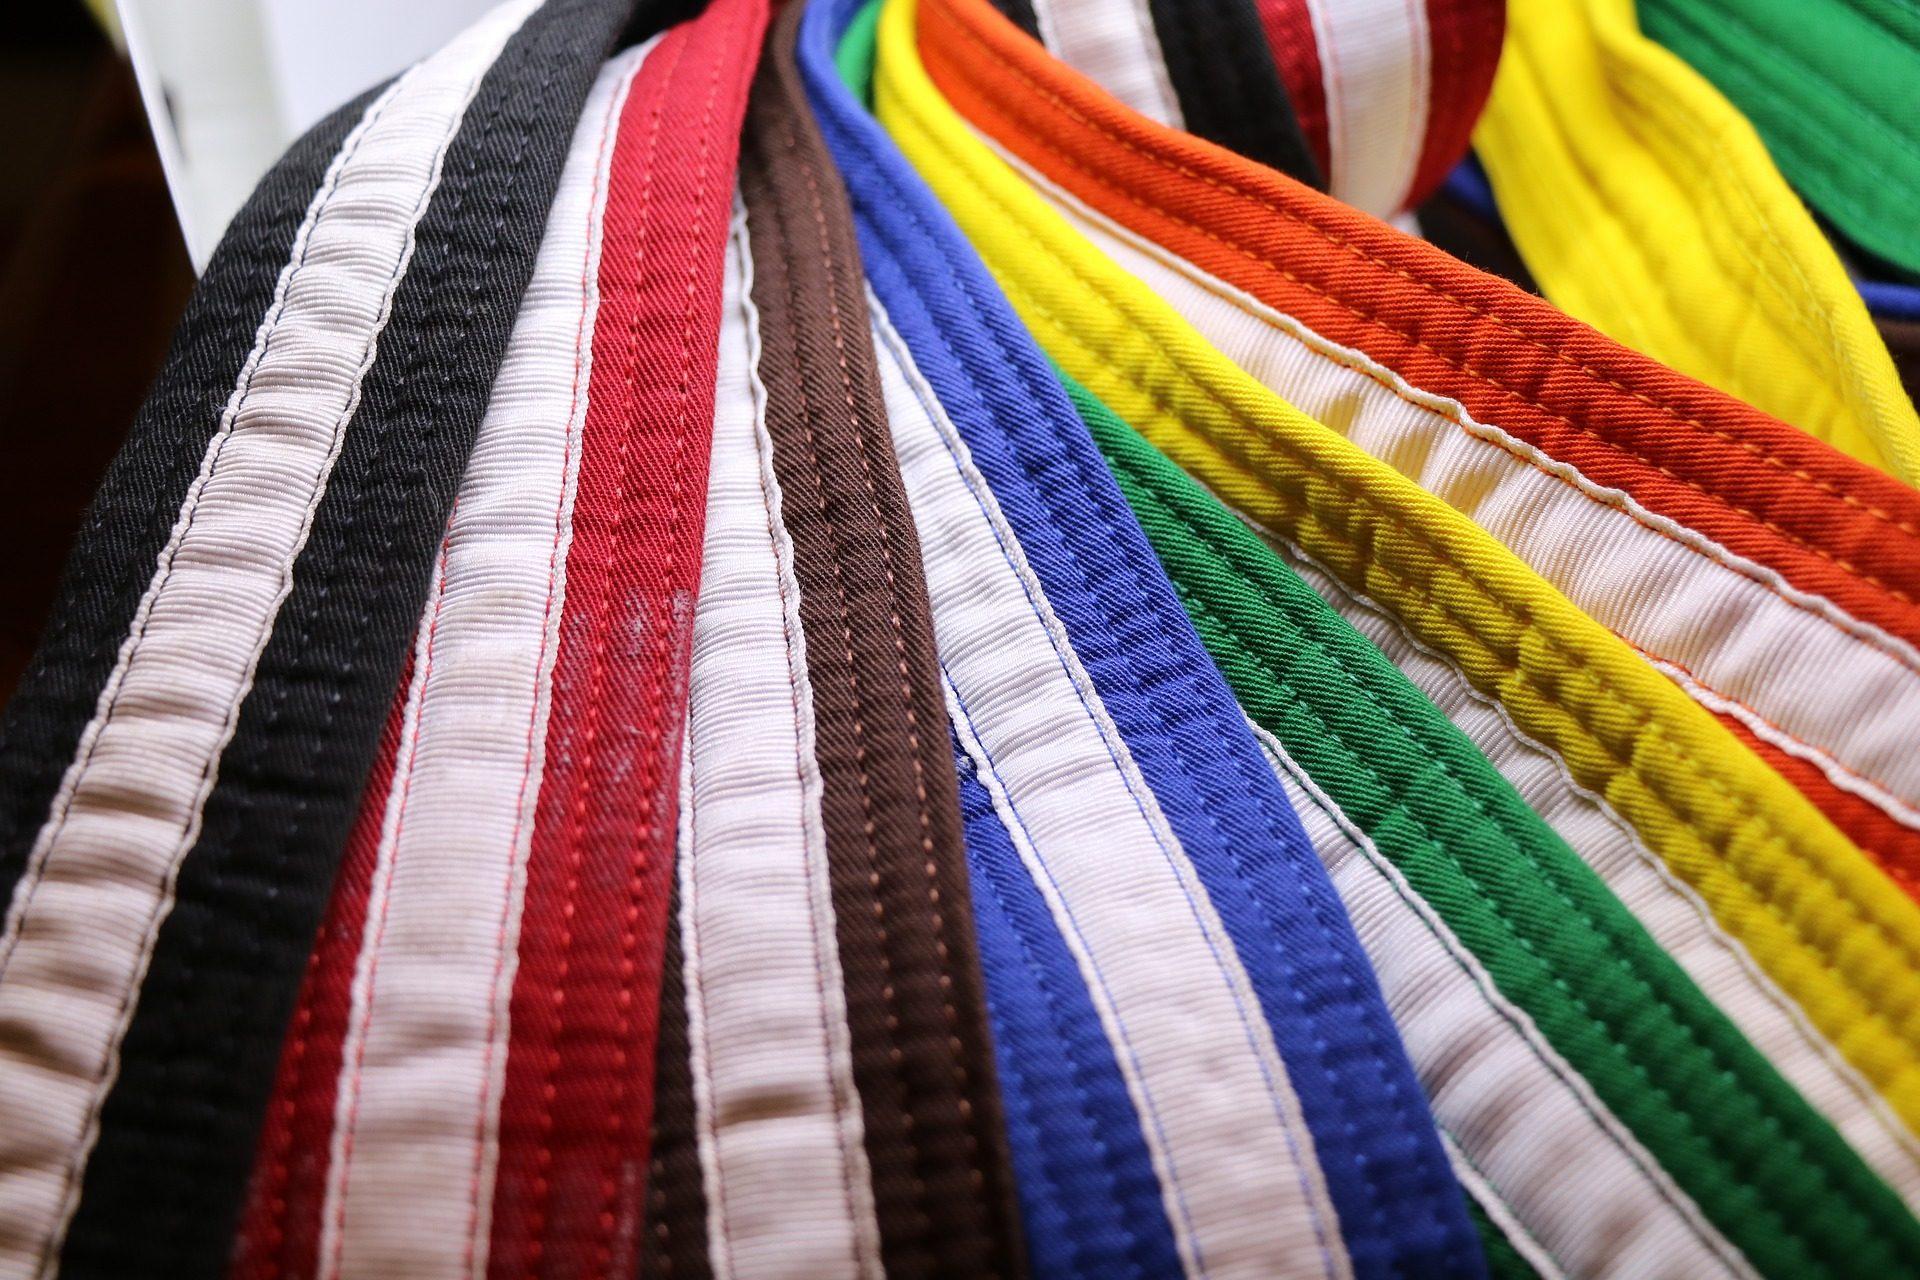 correias, colorido, Caratê, nível, habilidade - Papéis de parede HD - Professor-falken.com